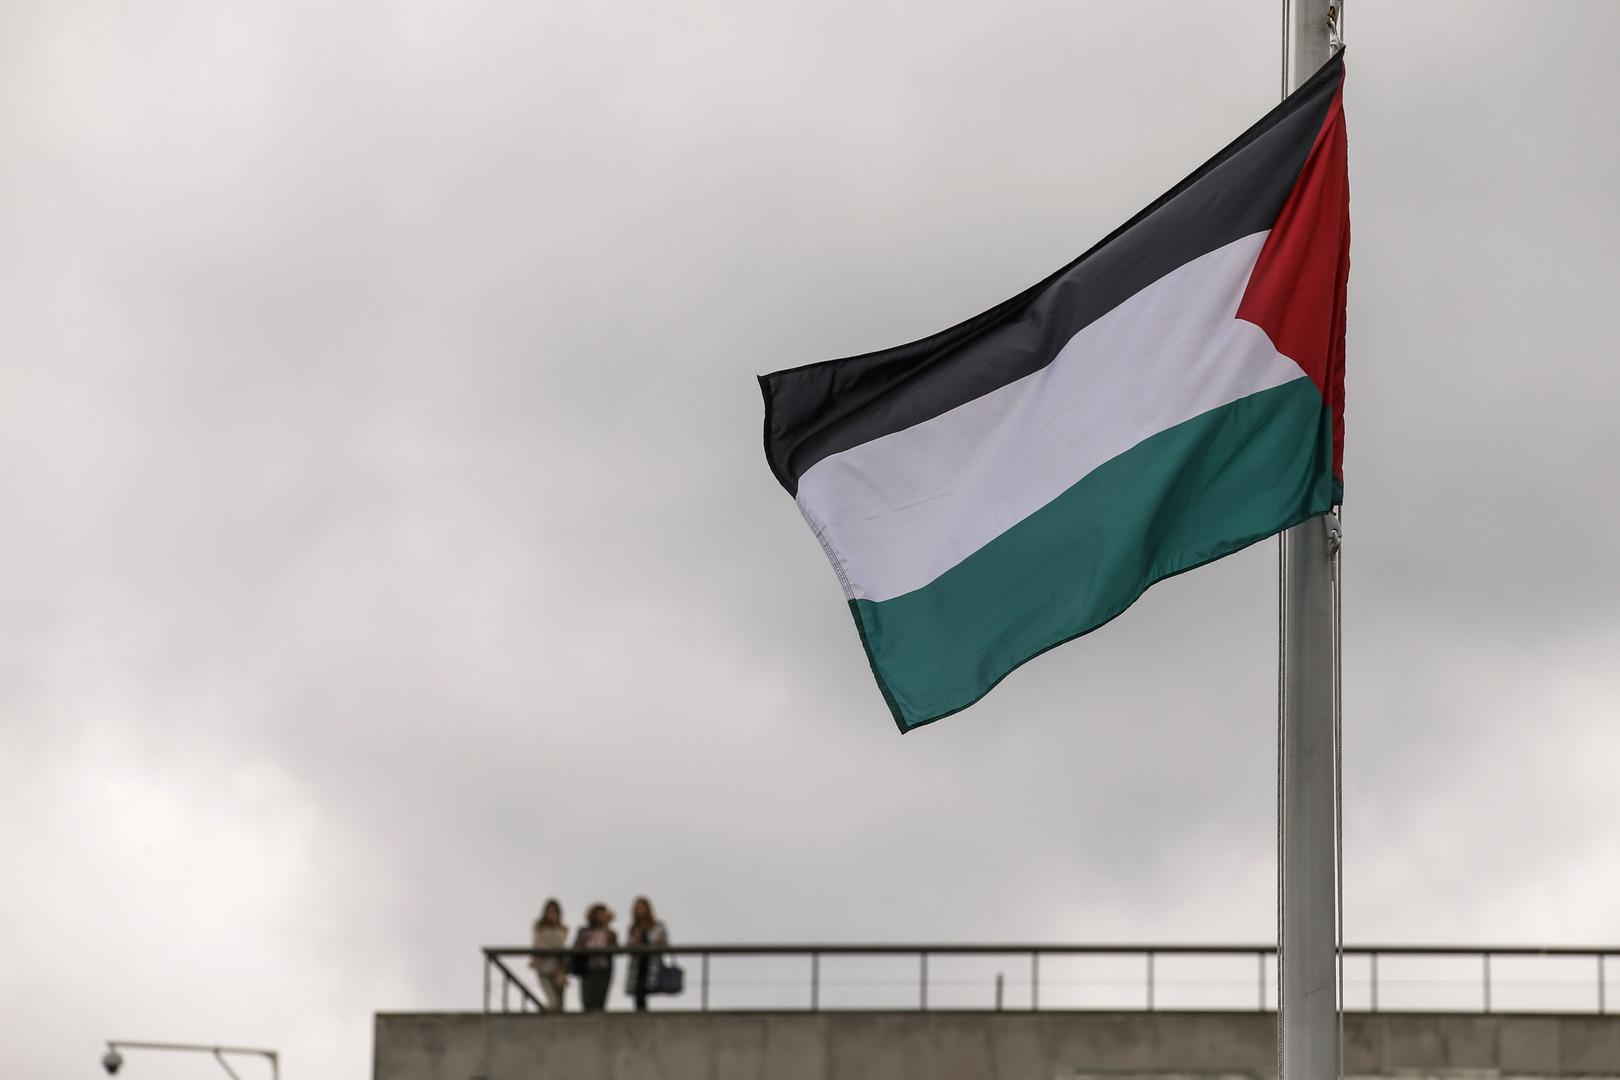 الخارجية الفلسطينية: رفع العلم الفلسطيني على بلديتي كليفتون وباترسون الأمريكيتين